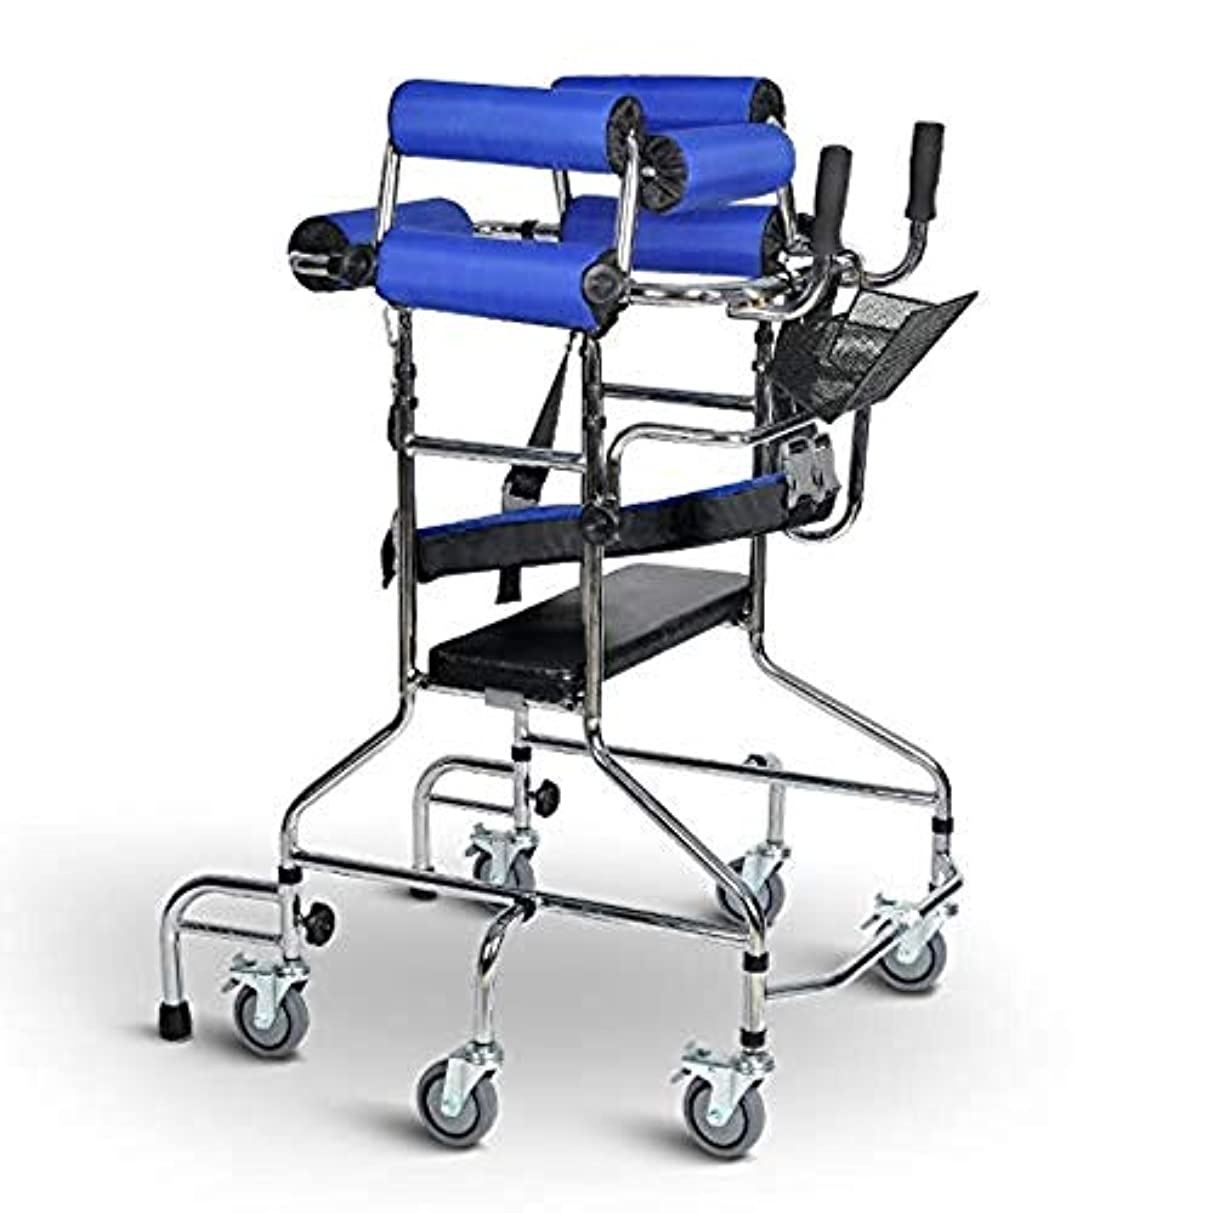 今スラダム無一文滑車の大人の歩行フレームの歩行者、高齢者の歩行者の訓練装置は下肢の歩行フレームを助けました